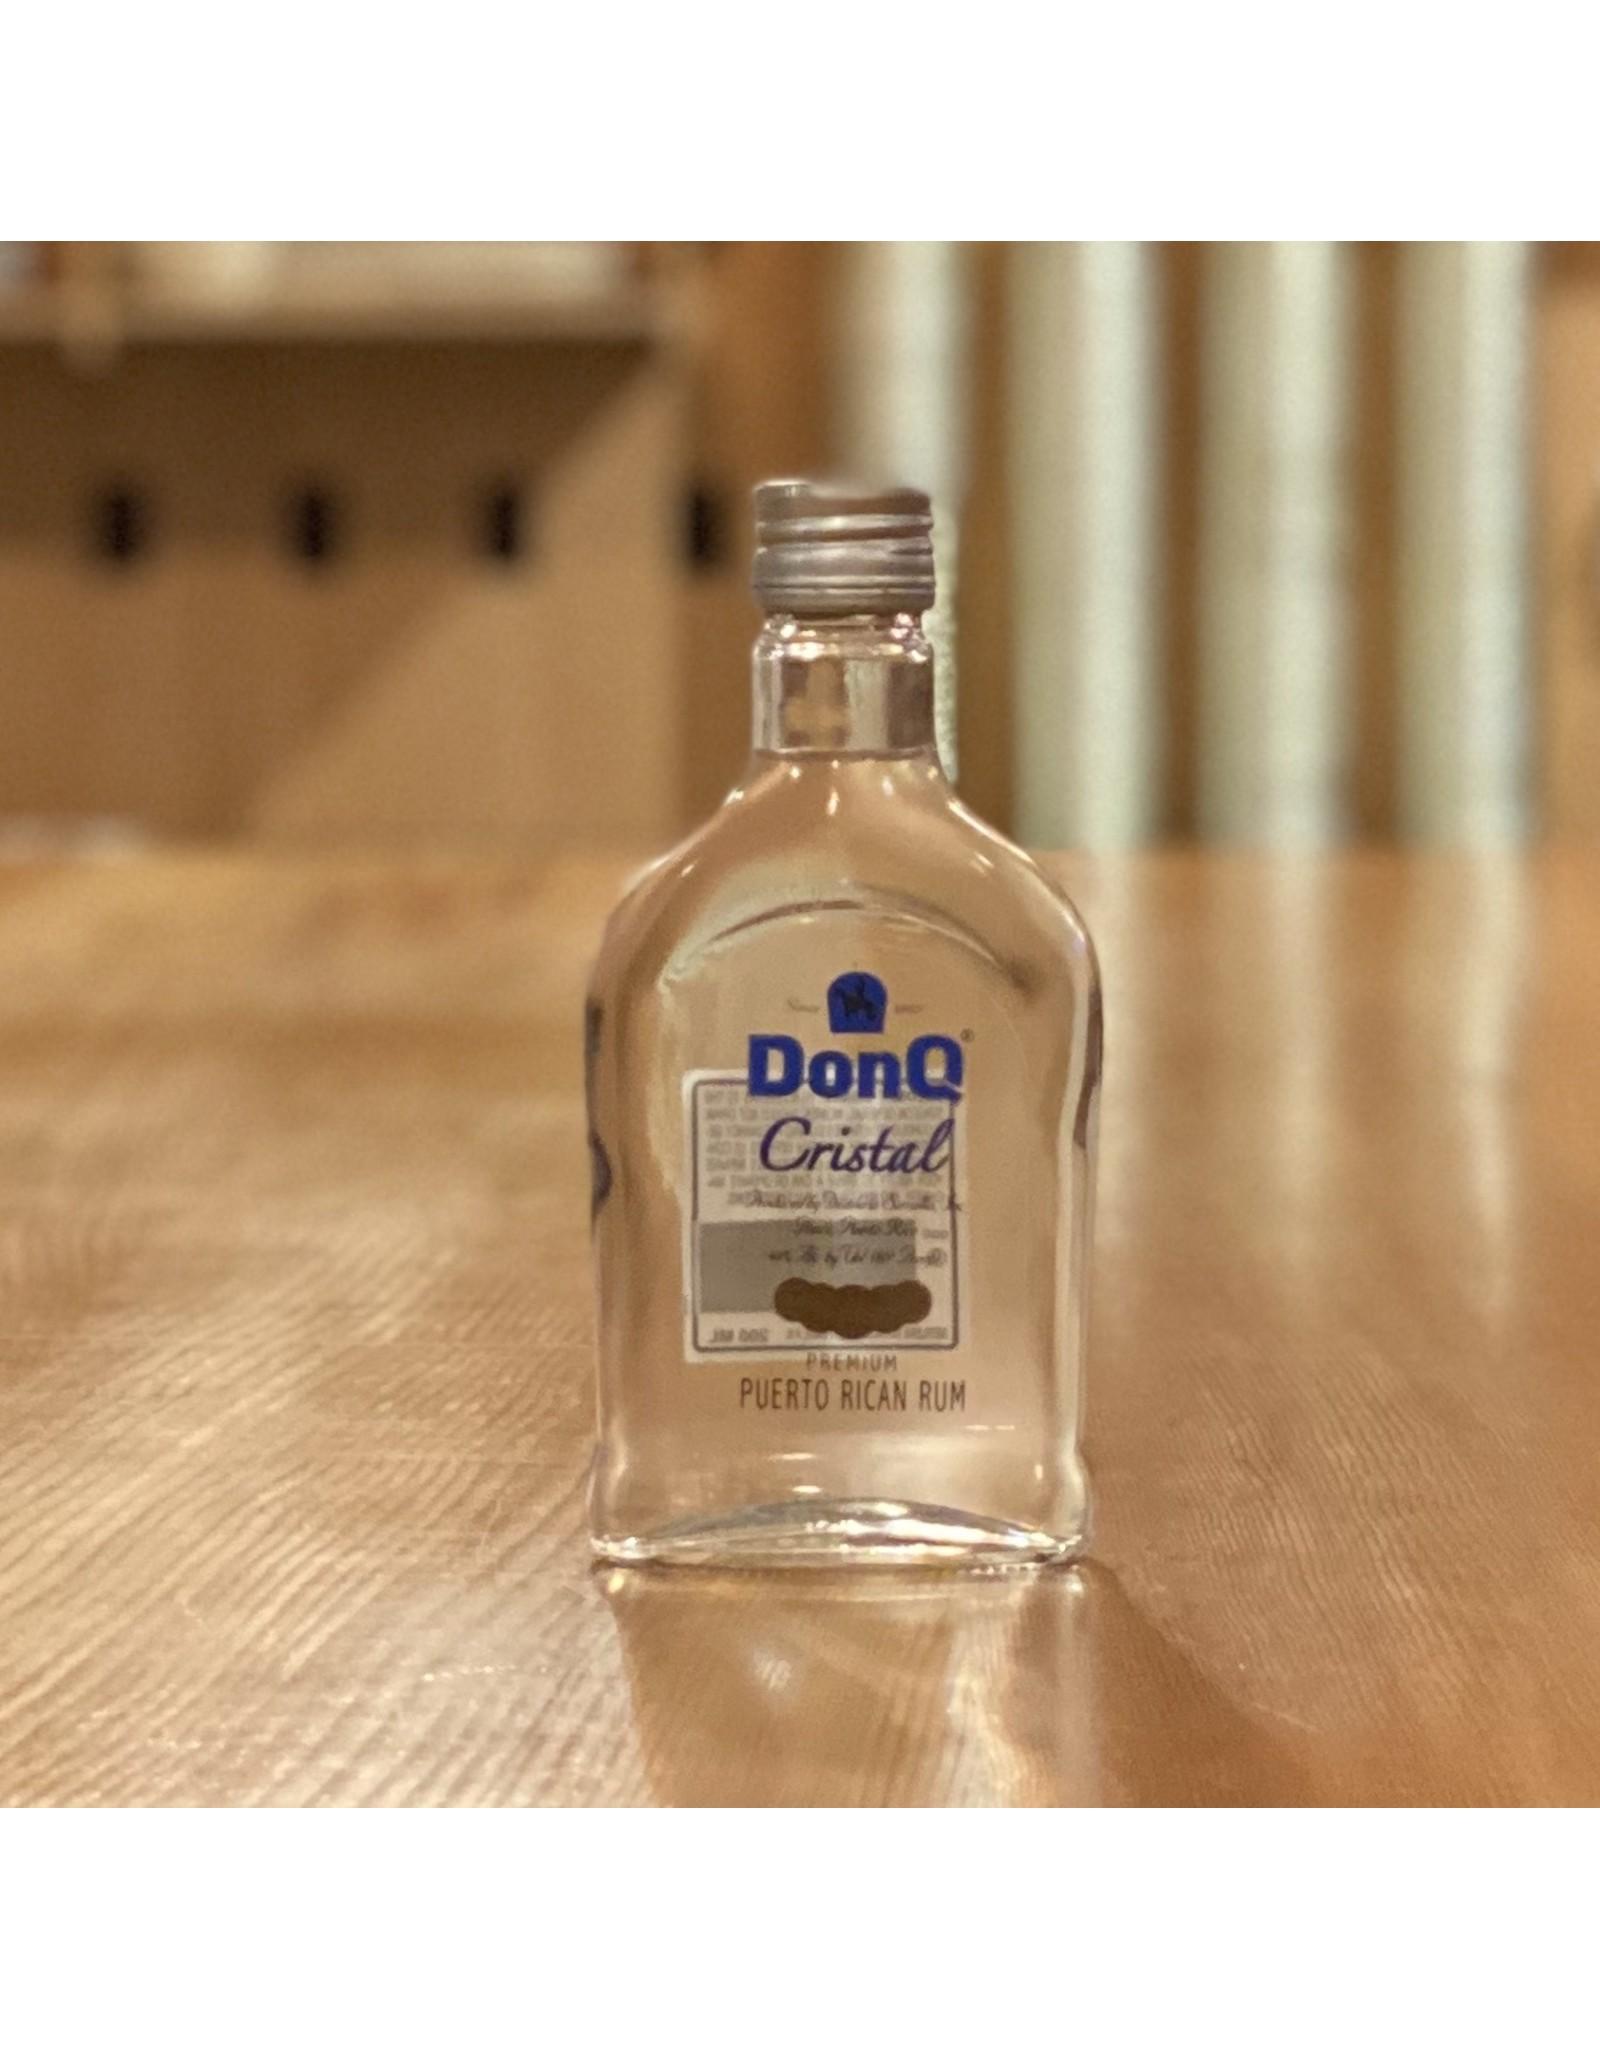 Rum Don Q Cristal Rum 200ml - Puerto Rico